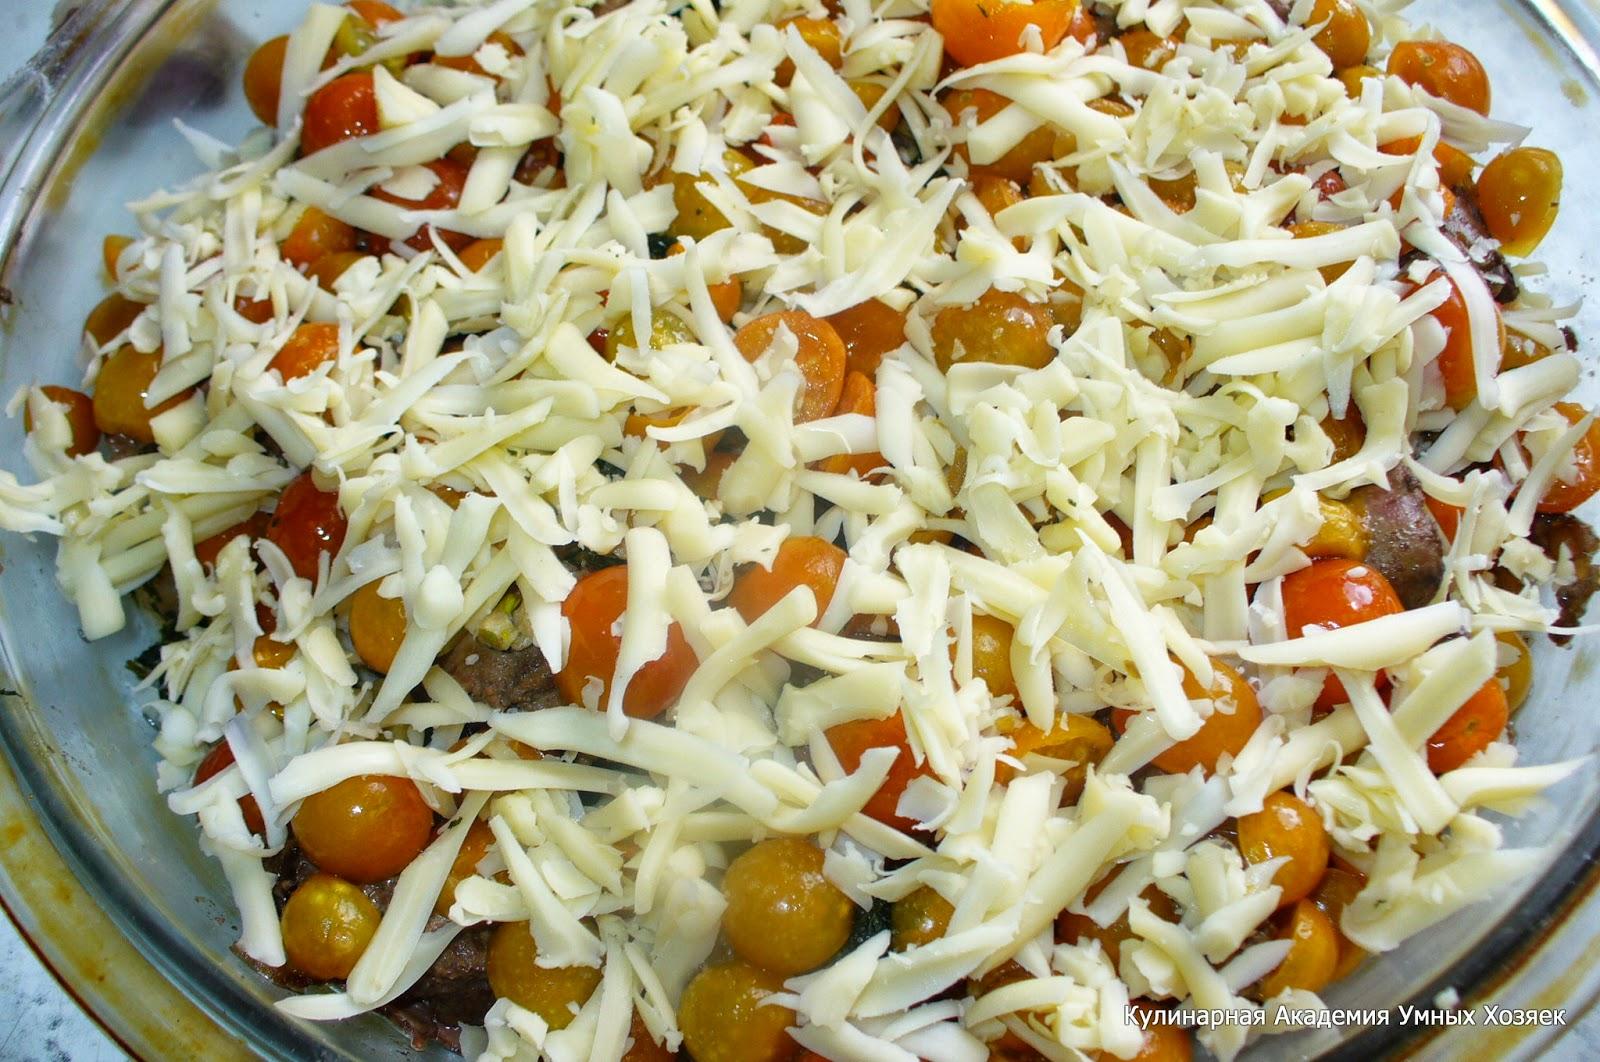 печенка с помидорами и сыром подготовленная для запекания